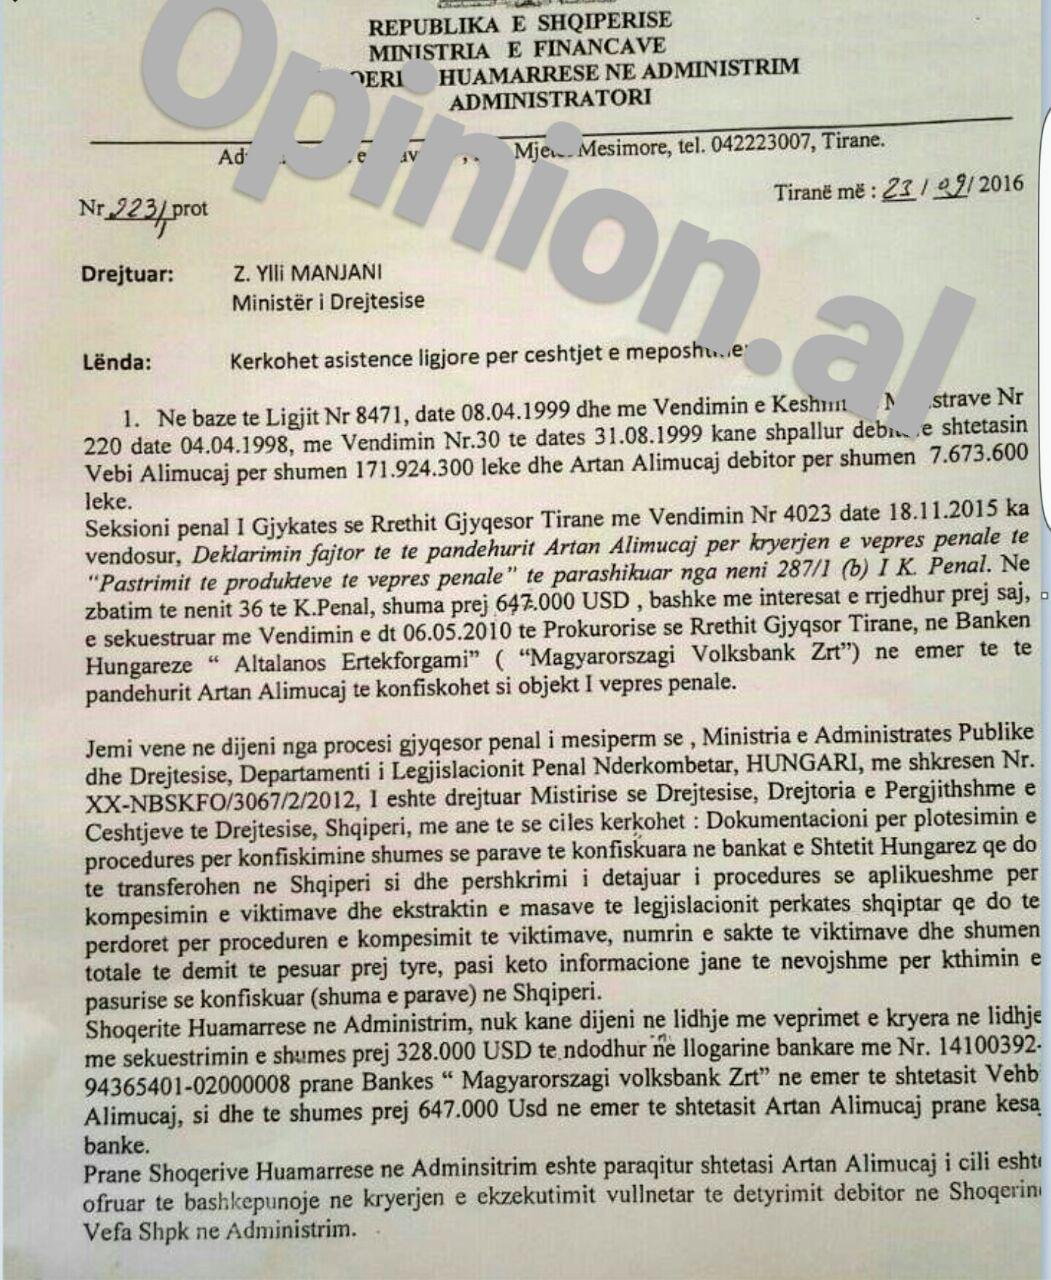 Banka hungareze ngrin llogaritë 1 milionë USD të bosit të Vefa-s